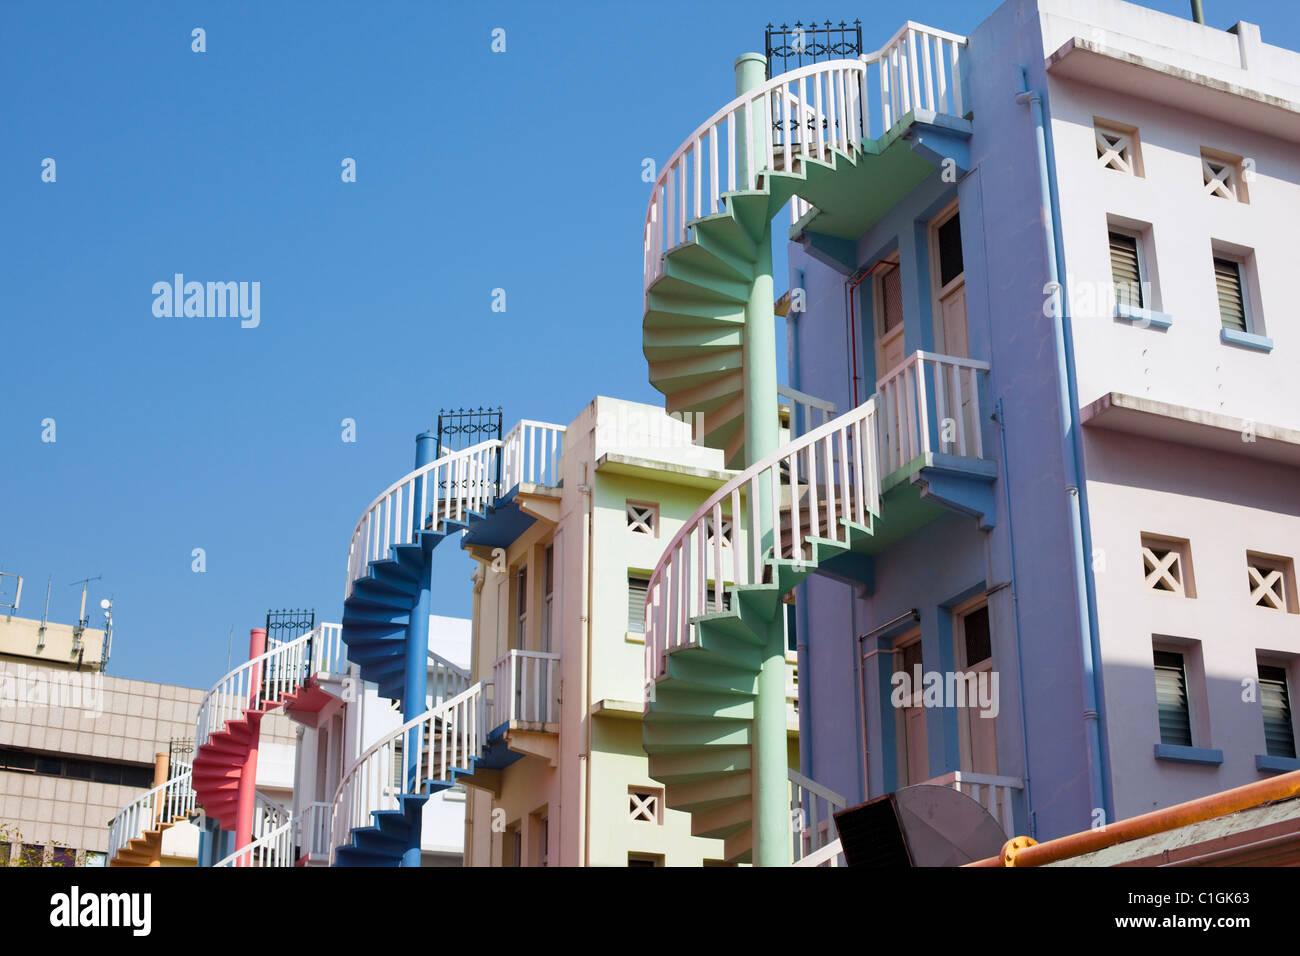 L'architecture d'immeubles colorés. Bugis, Singapour Banque D'Images